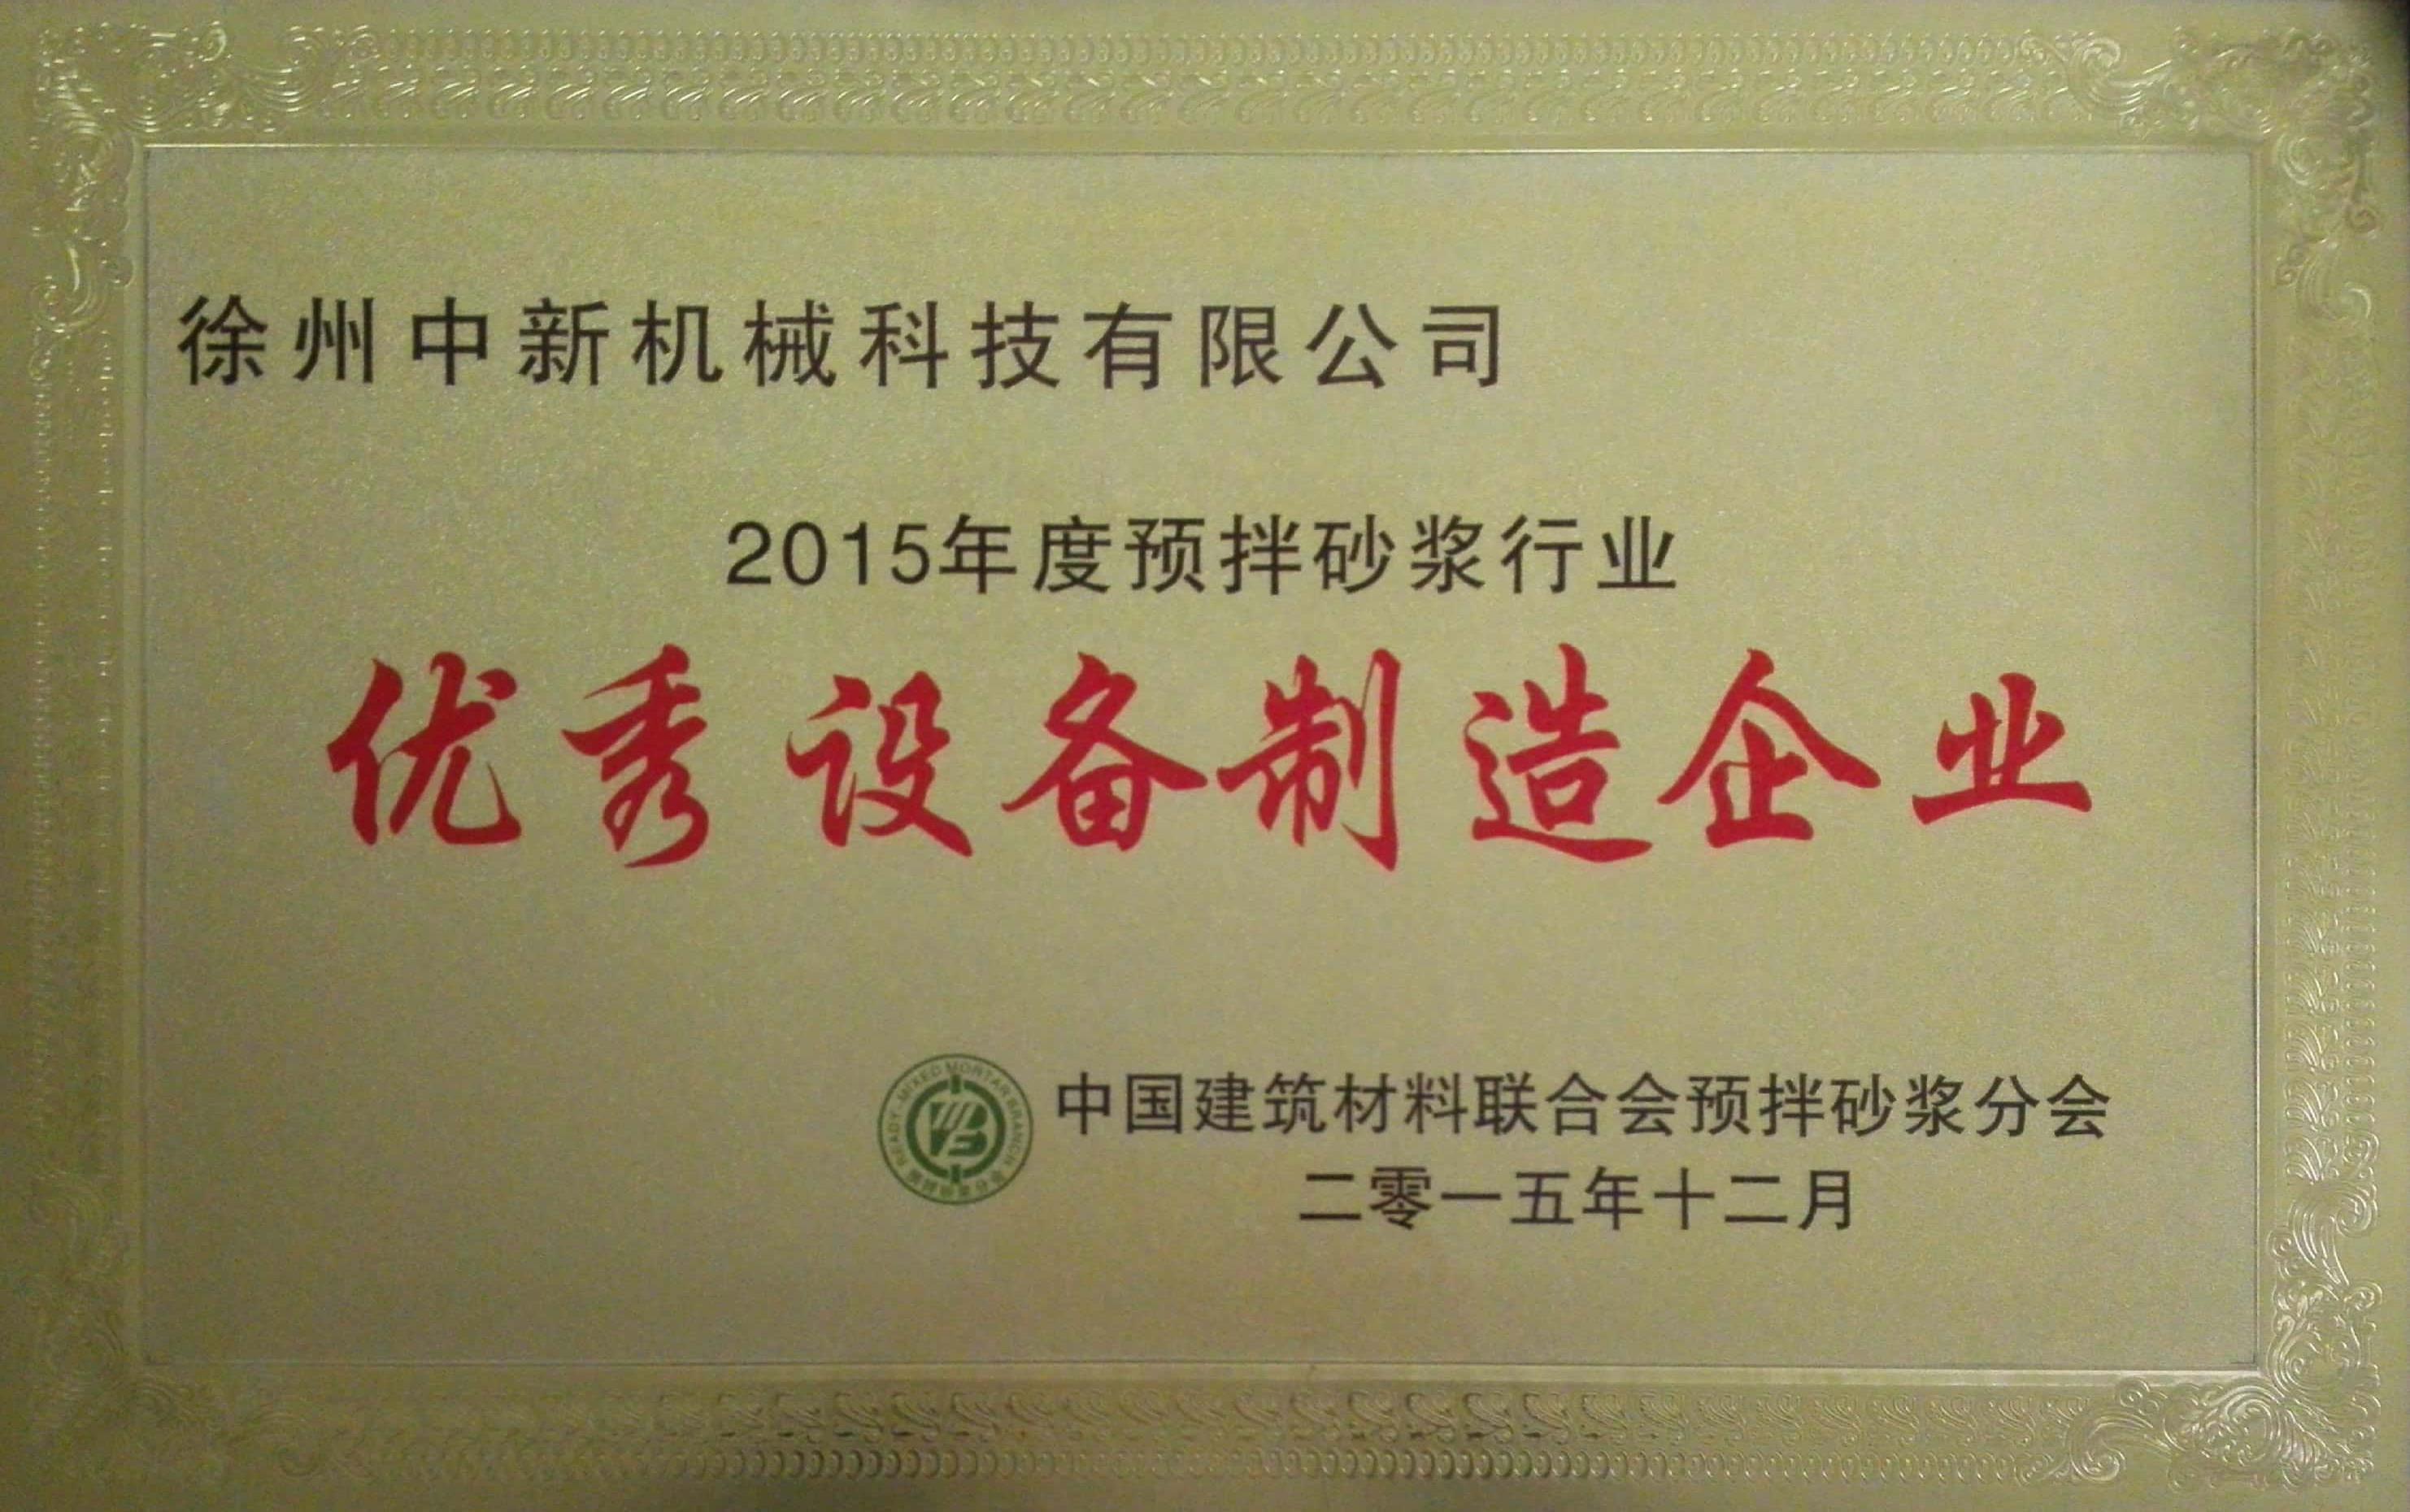 2015年预拌砂浆行业优秀设备制造企业